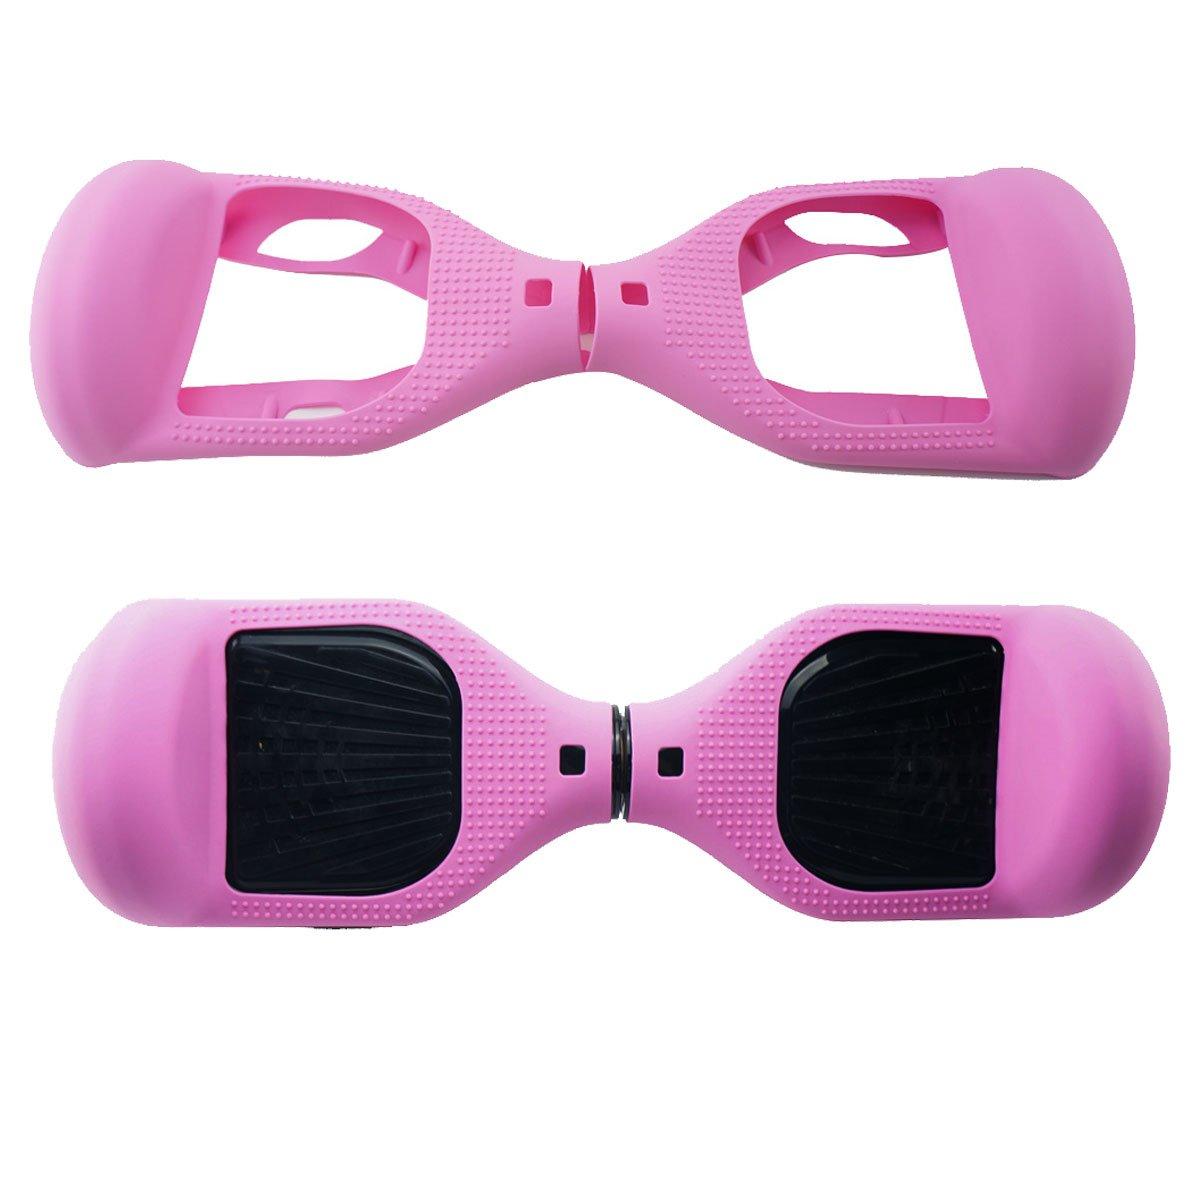 Oriention - Funda protectora para hoverboard de equilibrio ...